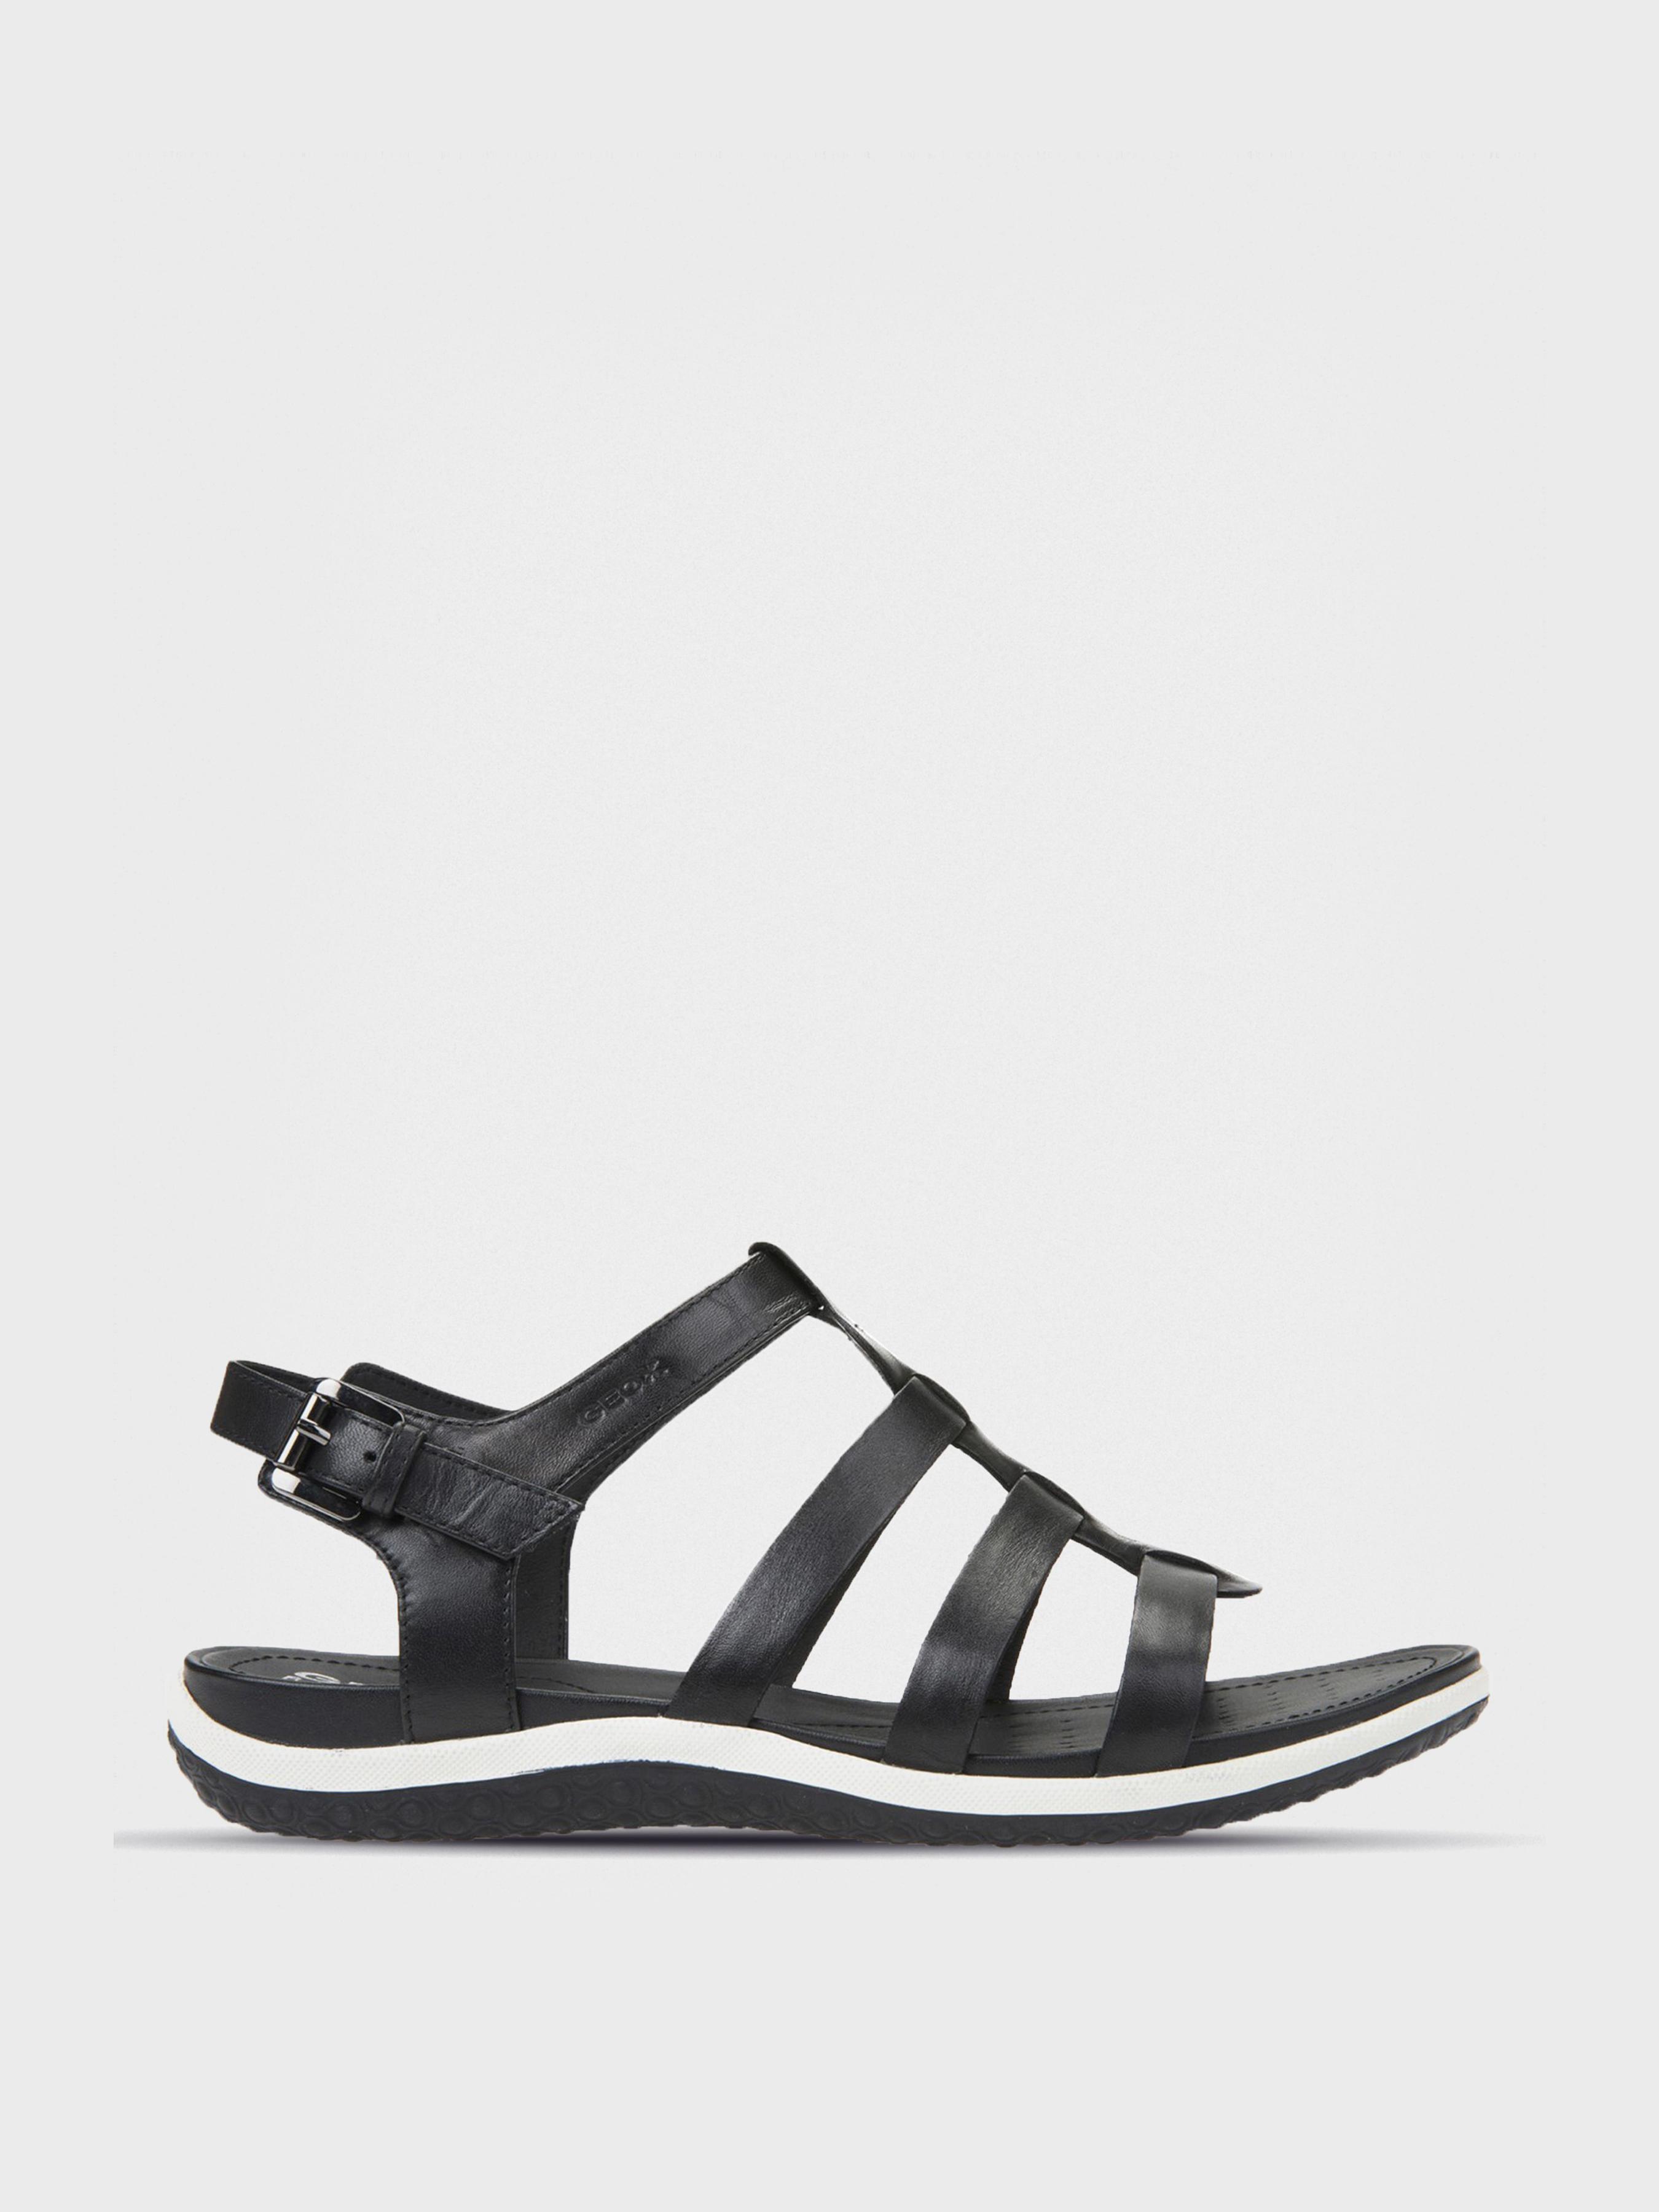 Сандалии женские Geox D SAND.VEGA A - VIT.LISCIO XW3156 модная обувь, 2017